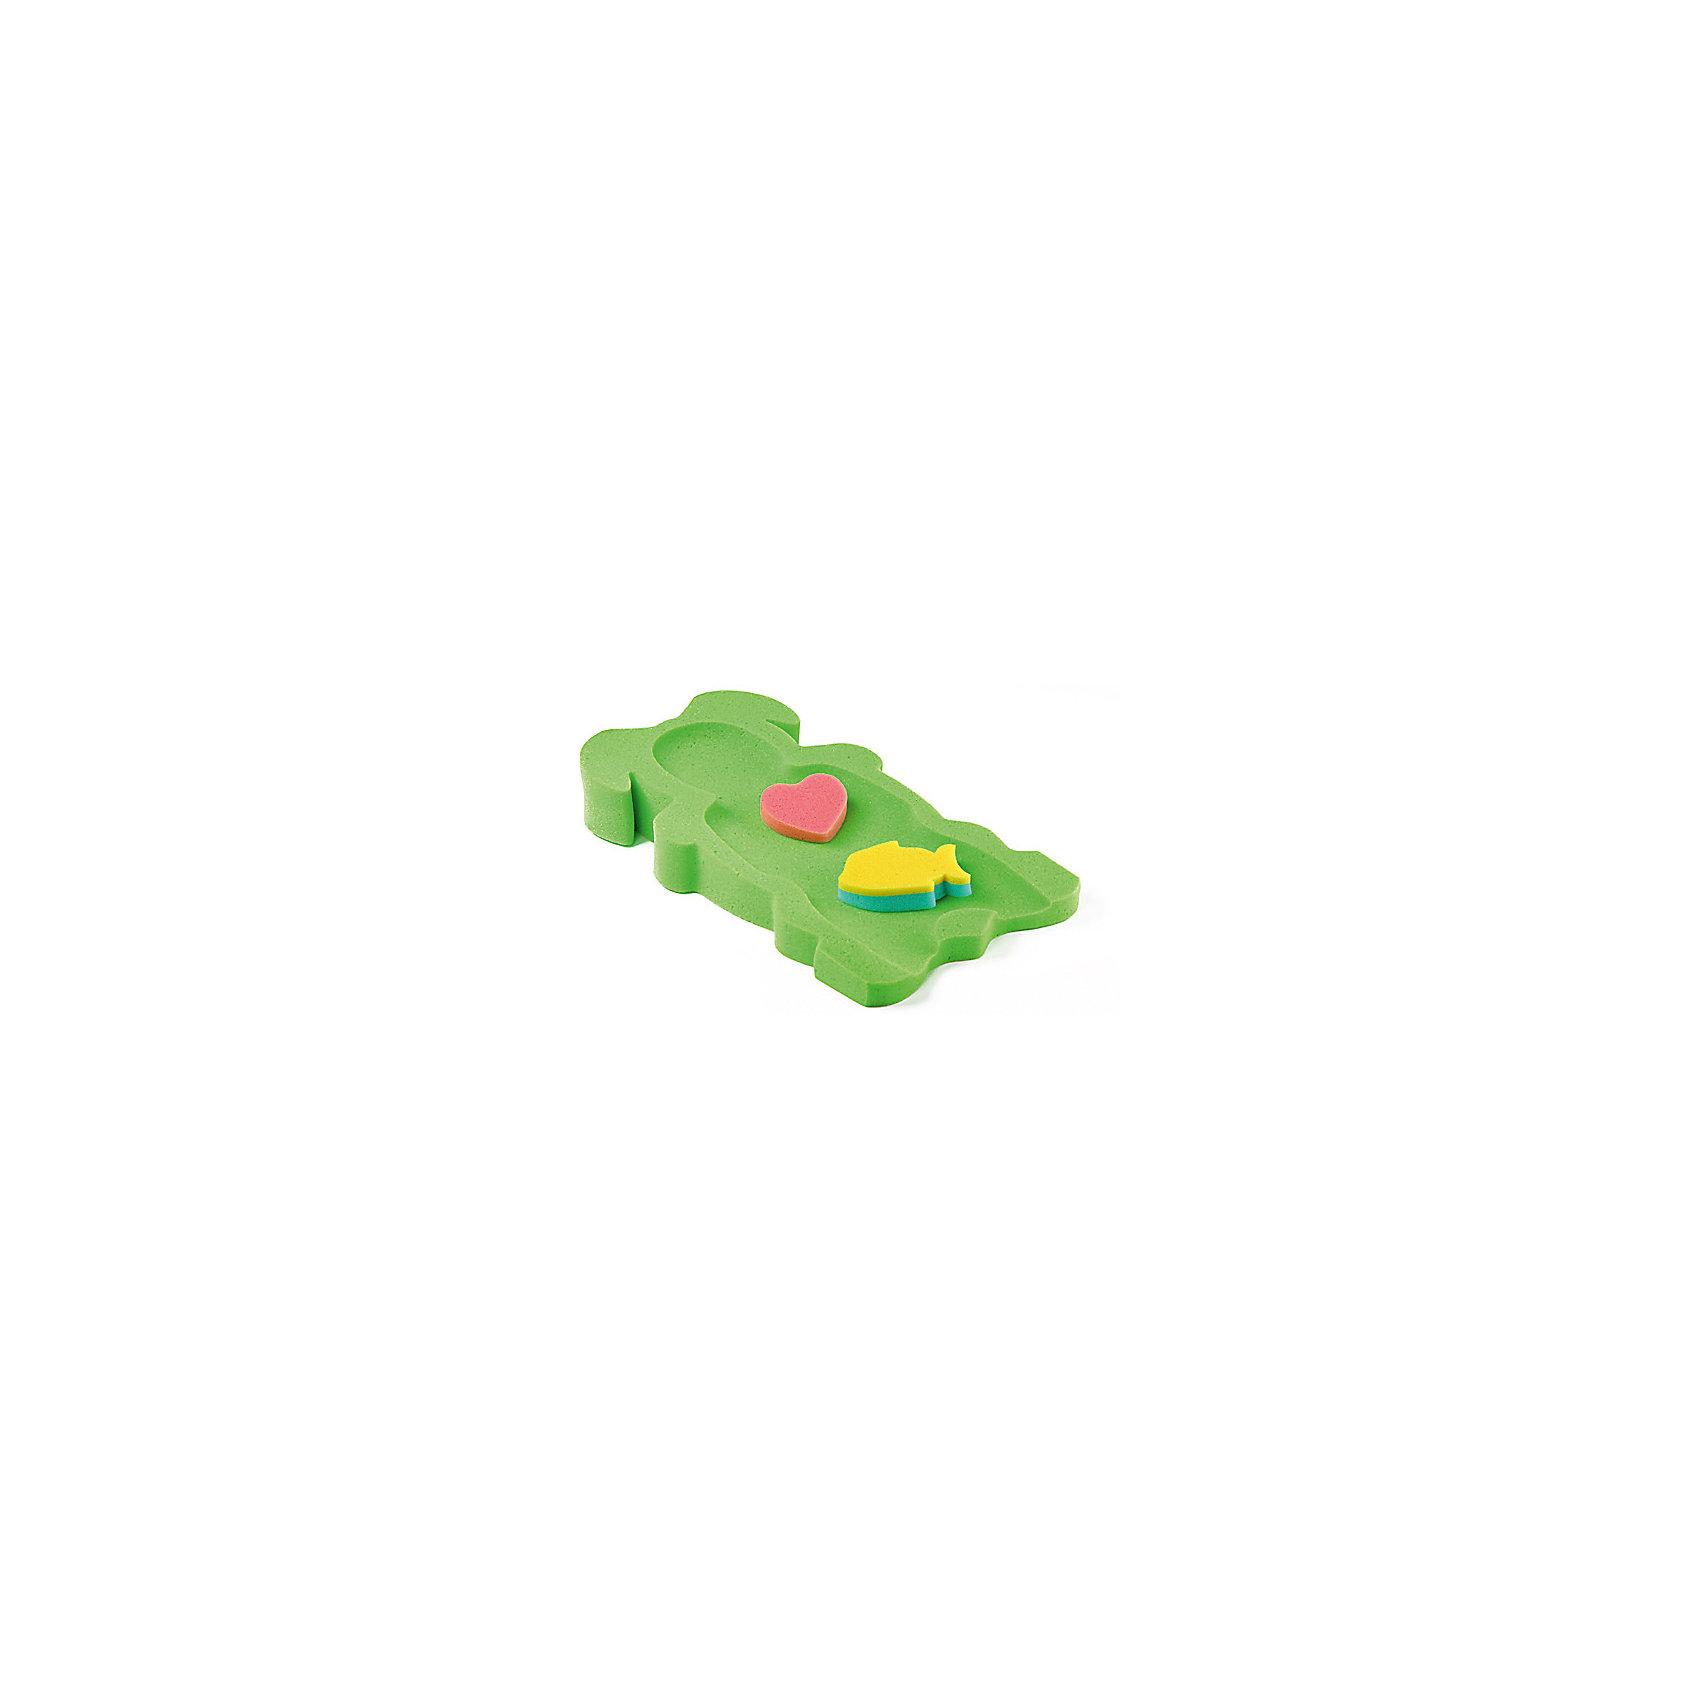 Накладка в ванну Макси, Tega, в ассортиментеМягкая и упругая накладка в ванну Tega Макси предназначена для купания младенцев. Выполнена в форме горки с анатомической выемкой, удобной для малыша. В комплект входят 2 фигурные мочалки-игрушки, которые смогут развеселить ребенка во время купания. Гипоаллергенный материал абсолютно безвреден для крохи. Идеально подходит для новорожденных. Замечательный аксессуар в помощь родителям для купания младенцев!<br><br>Дополнительная информация:<br>- вес: 110 гр.;<br>- габариты: 115х600х300 мм;<br>- категория: 0+;<br>- цвет: зеленый; голубой, розовый, желтый, мятный;<br>- 2 фигурные поролоновые губки в комплекте;<br>- материал: поролон.<br><br>ВНИМАНИЕ! Данный артикул имеется в наличии в разных цветовых исполнениях. К сожалению, заранее выбрать определенный цвет невозможно. При заказе нескольких позиций возможно получение одинаковых.<br><br>Накладку в ванну Макси Tega (Тэга) можно купить в нашем магазине<br><br>Ширина мм: 115<br>Глубина мм: 600<br>Высота мм: 300<br>Вес г: 110<br>Возраст от месяцев: -2147483648<br>Возраст до месяцев: 2147483647<br>Пол: Унисекс<br>Возраст: Детский<br>SKU: 3946071